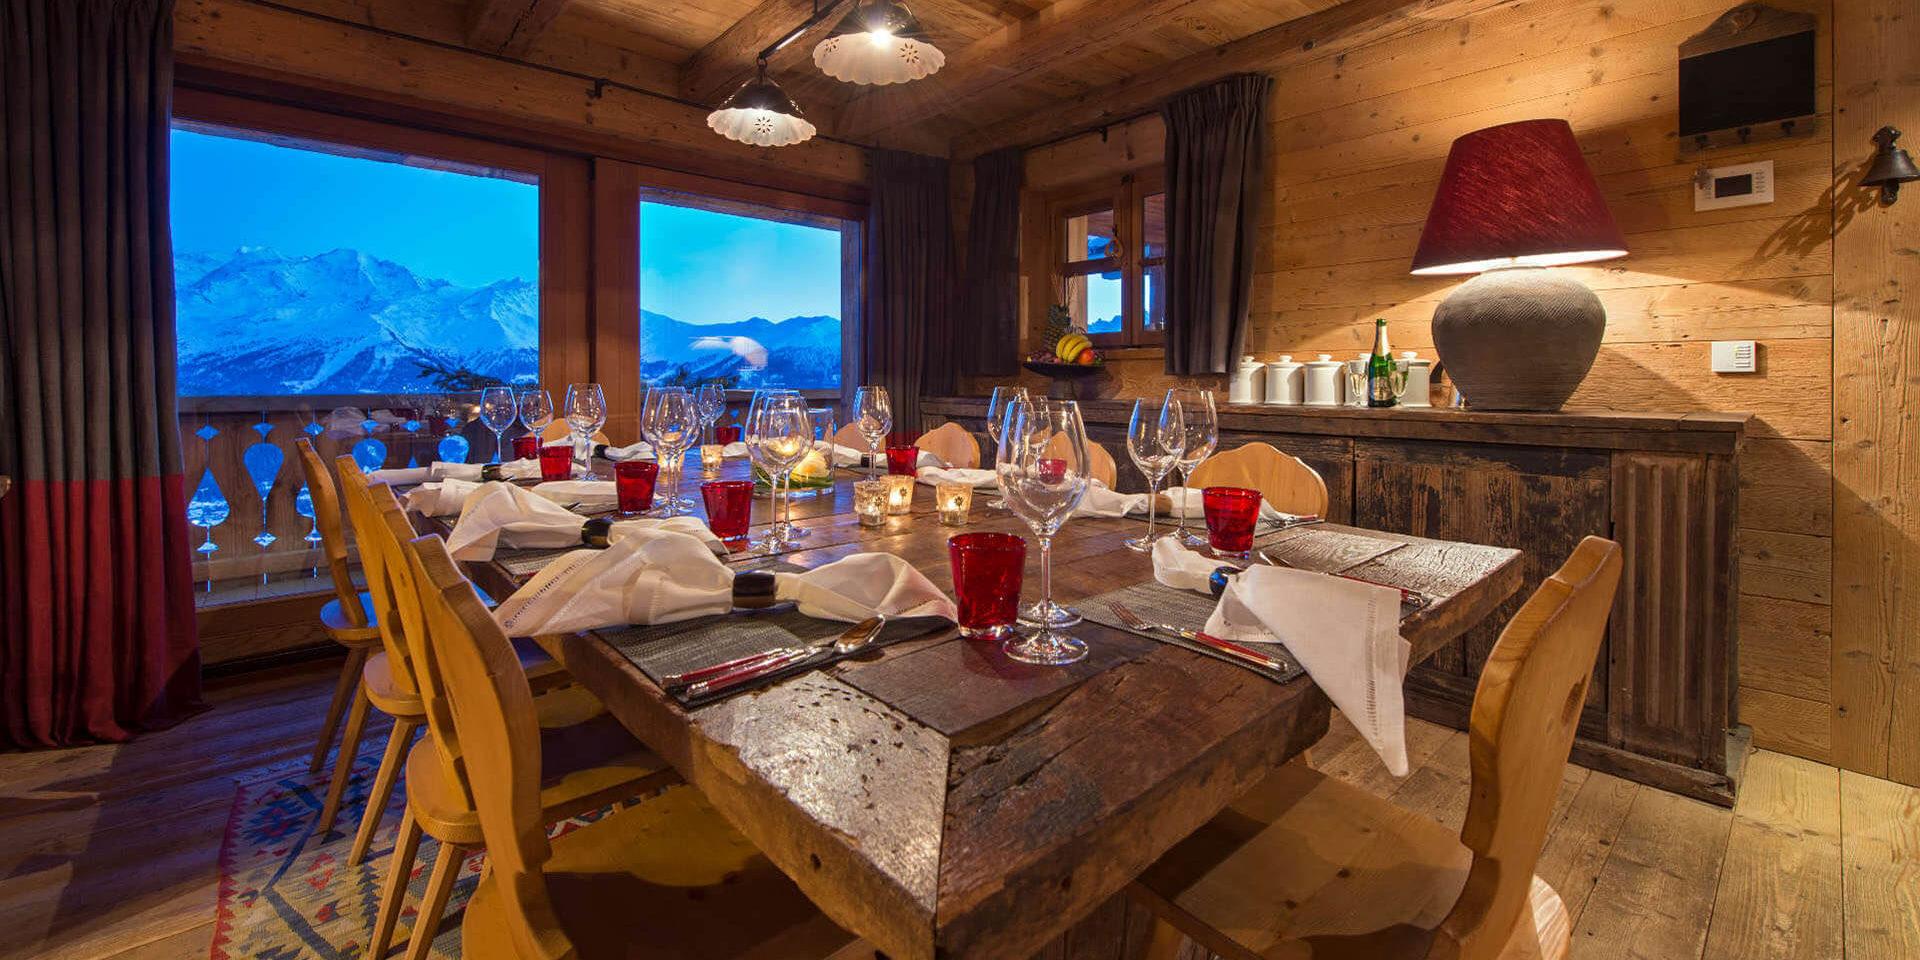 Chalet Nyumba Verbier Les 4 Vallees Zwitserland wintersport skivakantie luxe eetkamer gedekte tafel stoelen wijnglazen lamp balkon uitzicht bergen sneeuw